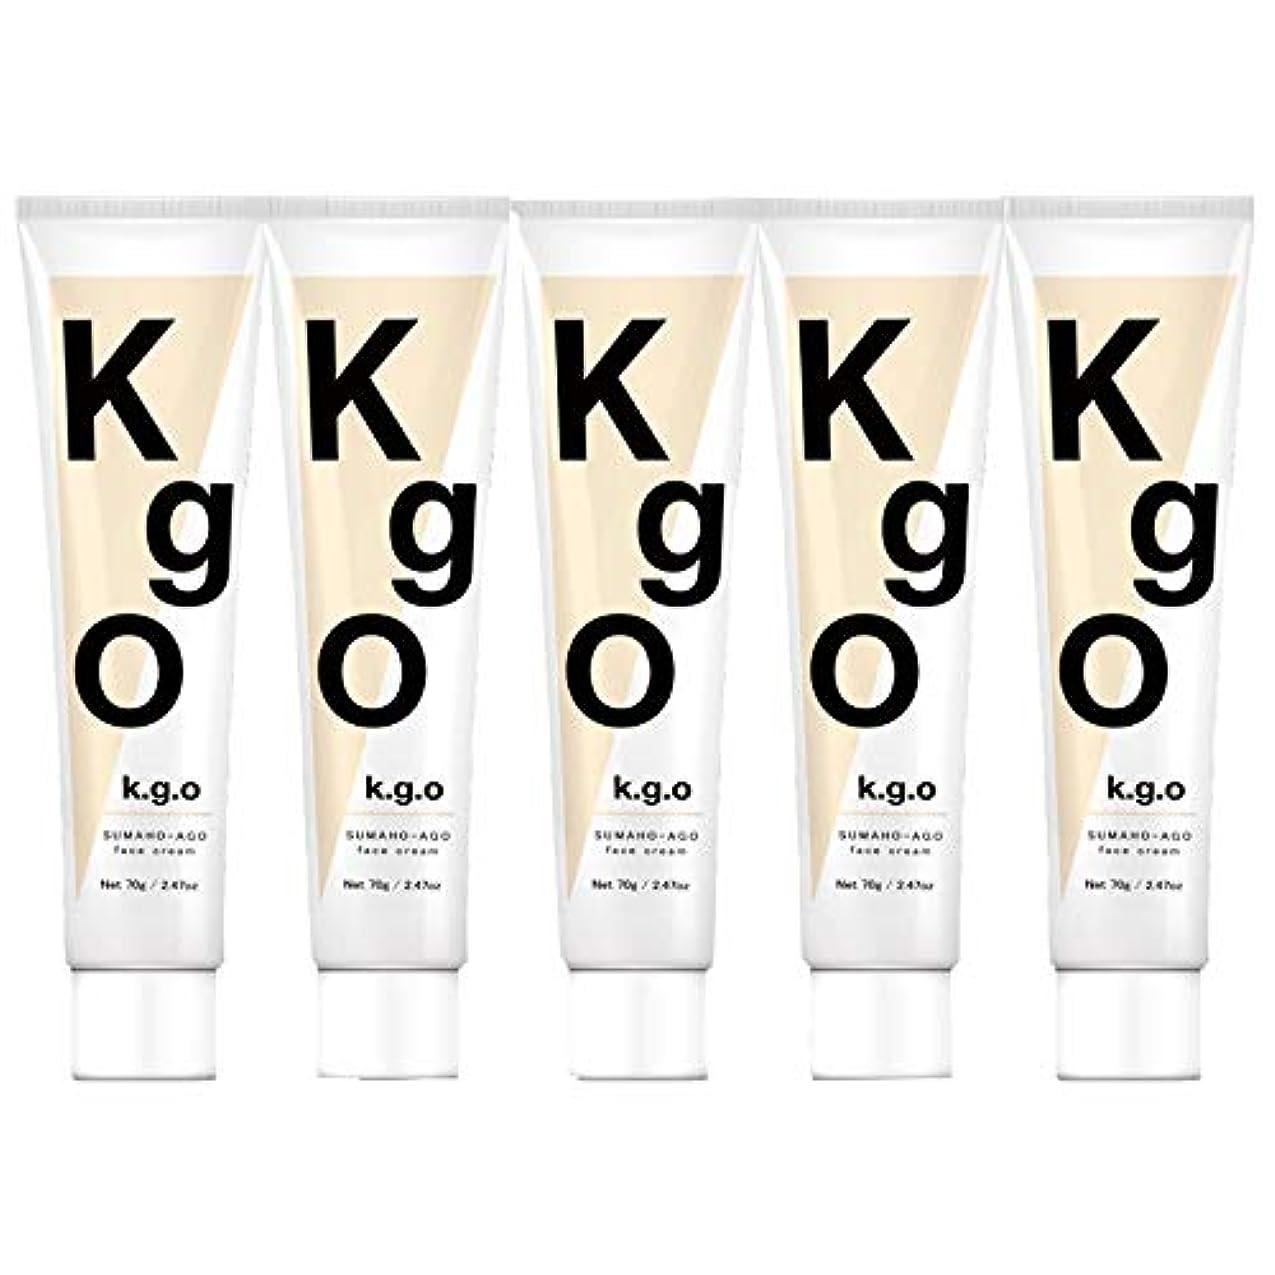 読書委任する物理的なK.g.O SUMAHO-AGO face cream ケージーオー スマホあご フェイスクリーム 70g (5本セット)